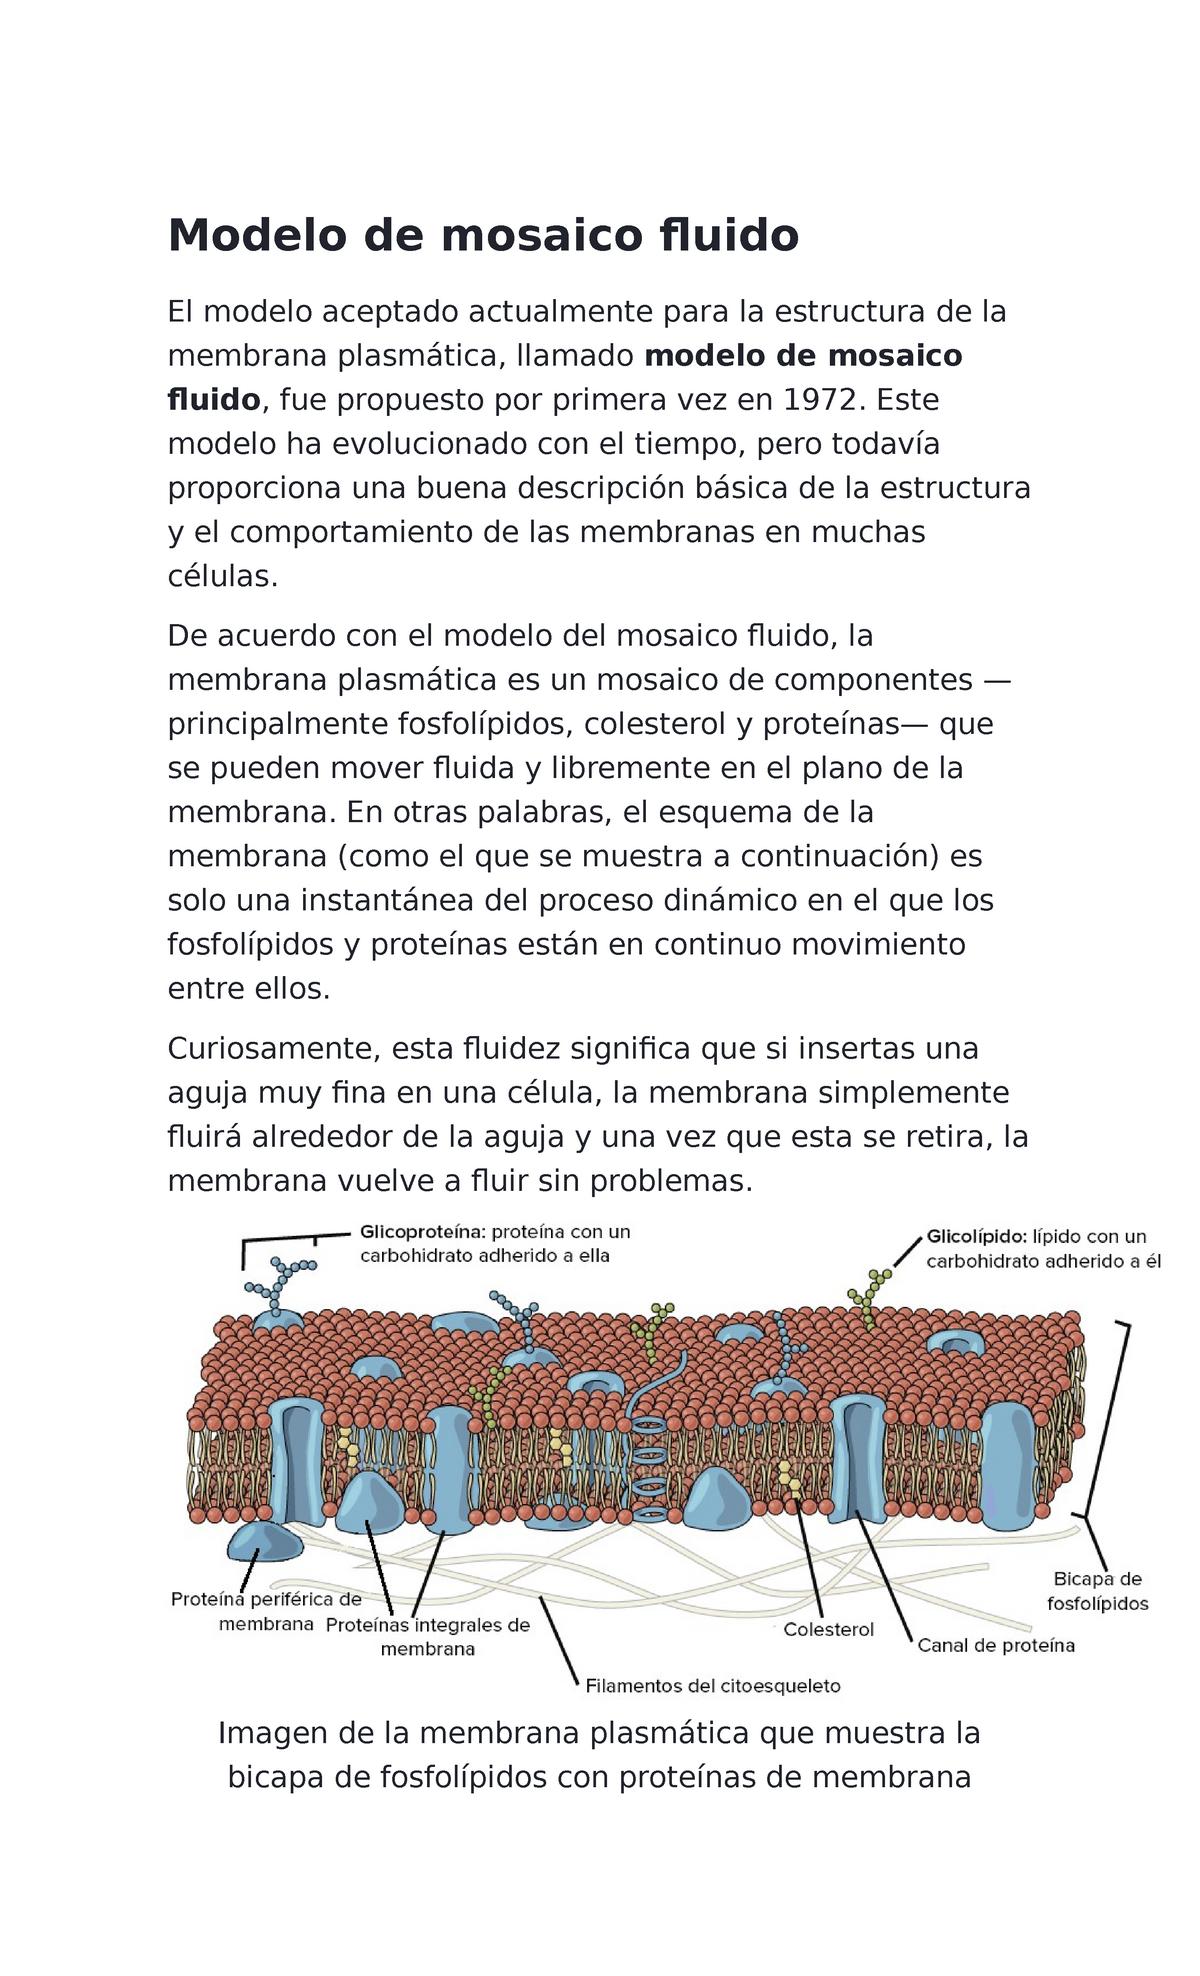 2do Parcial Membranas Biología 58745 Studocu